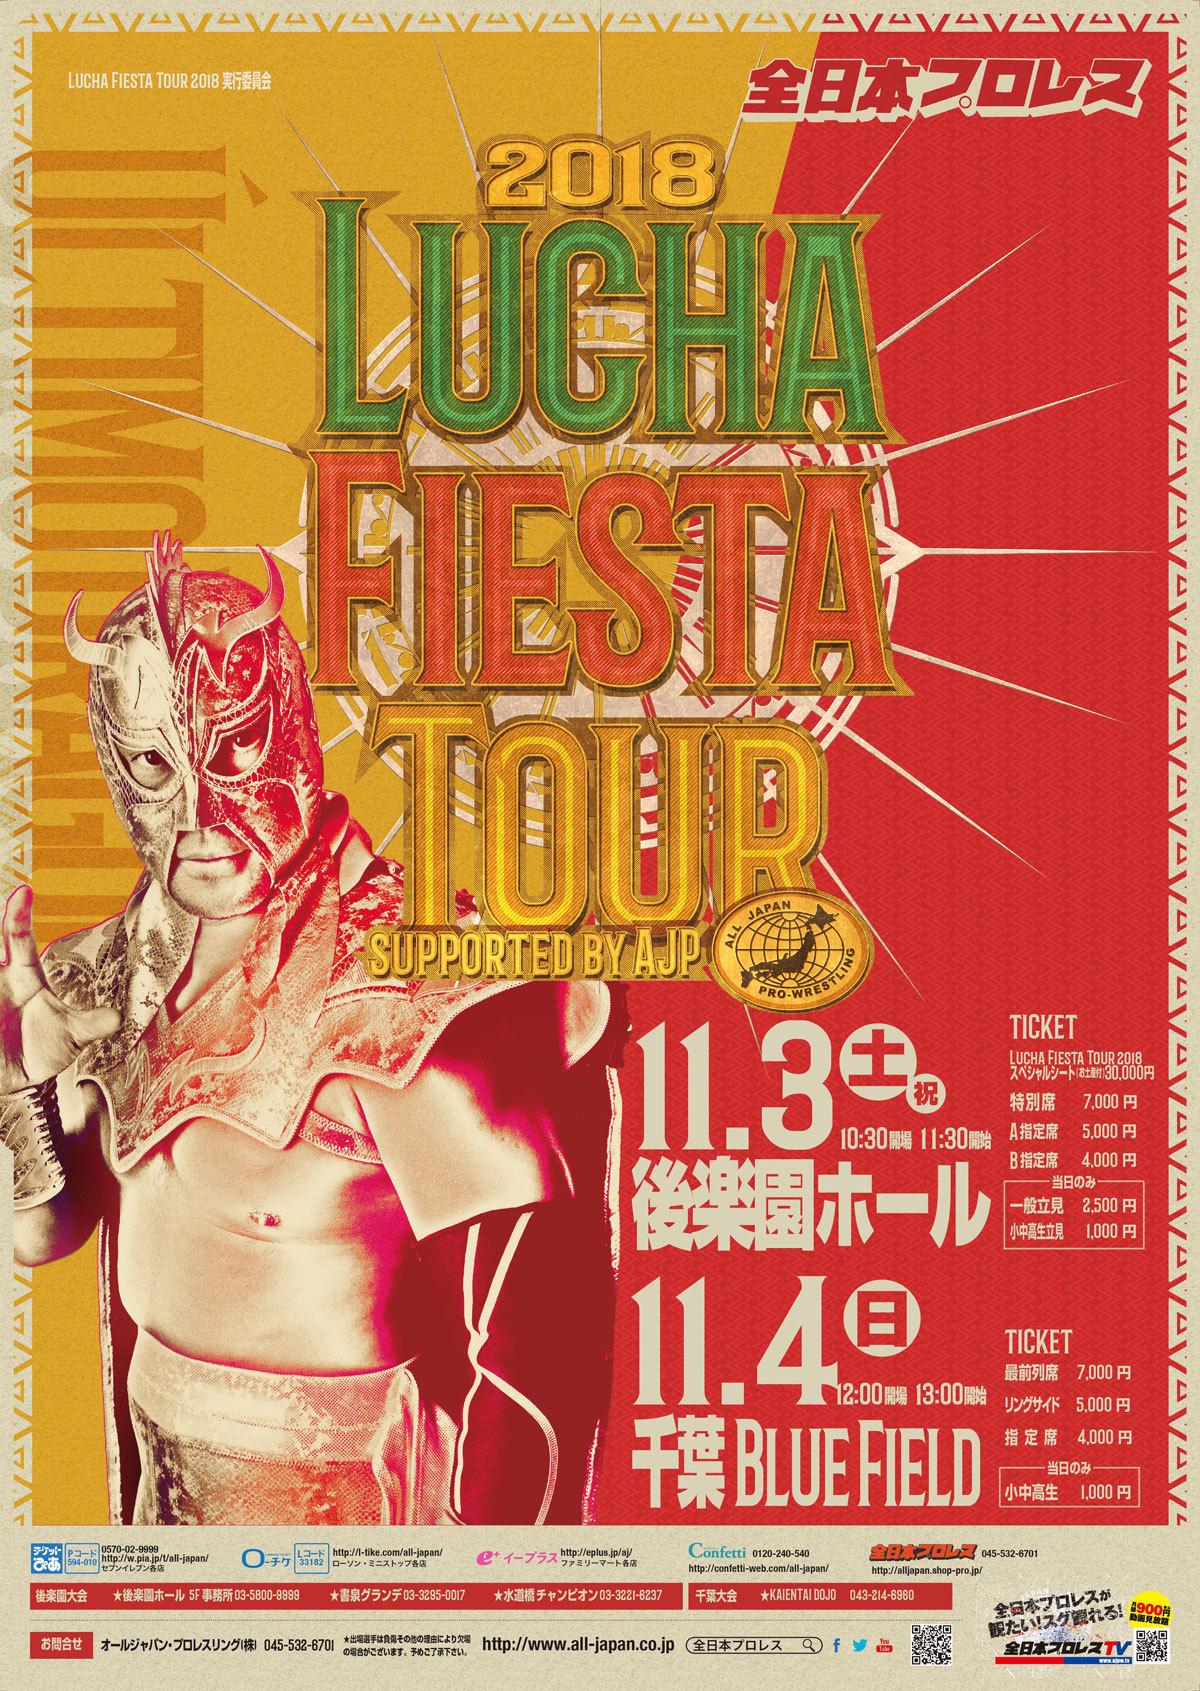 11月3日(土・祝)から4日間にかけて開催される『Lucha Fiesta Tour 2018』